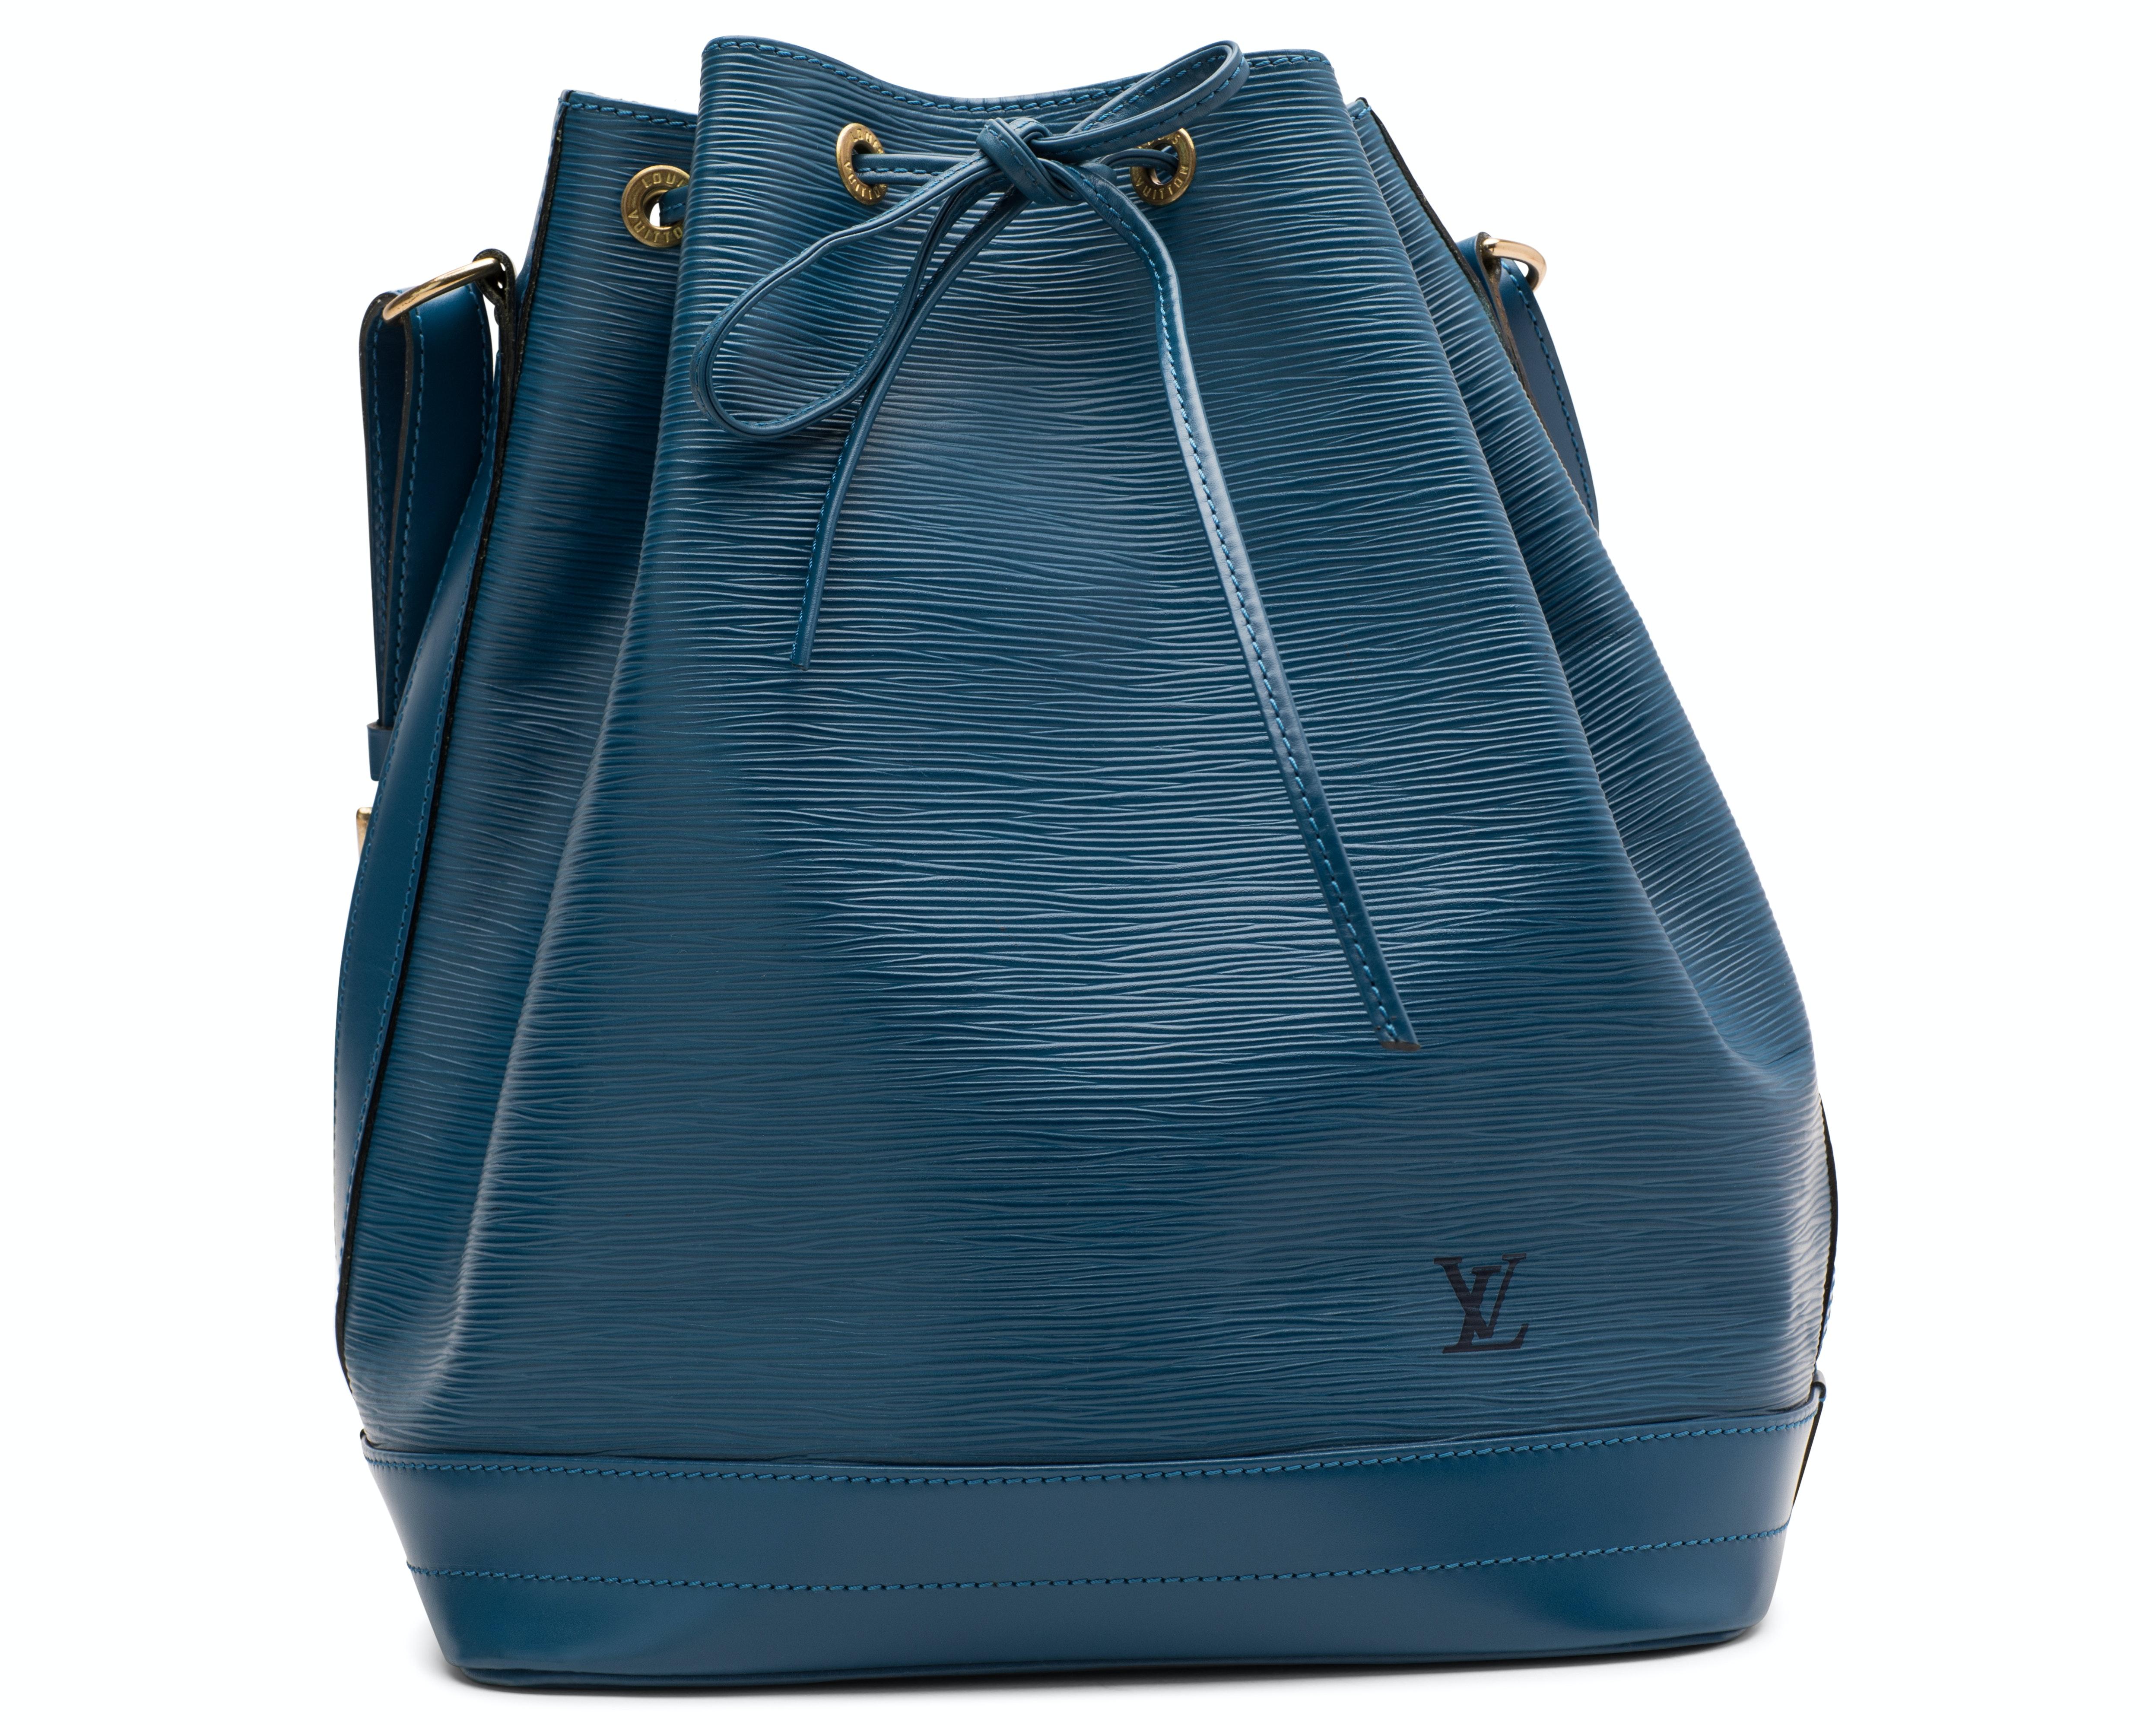 Louis Vuitton Noe Epi Large Blue